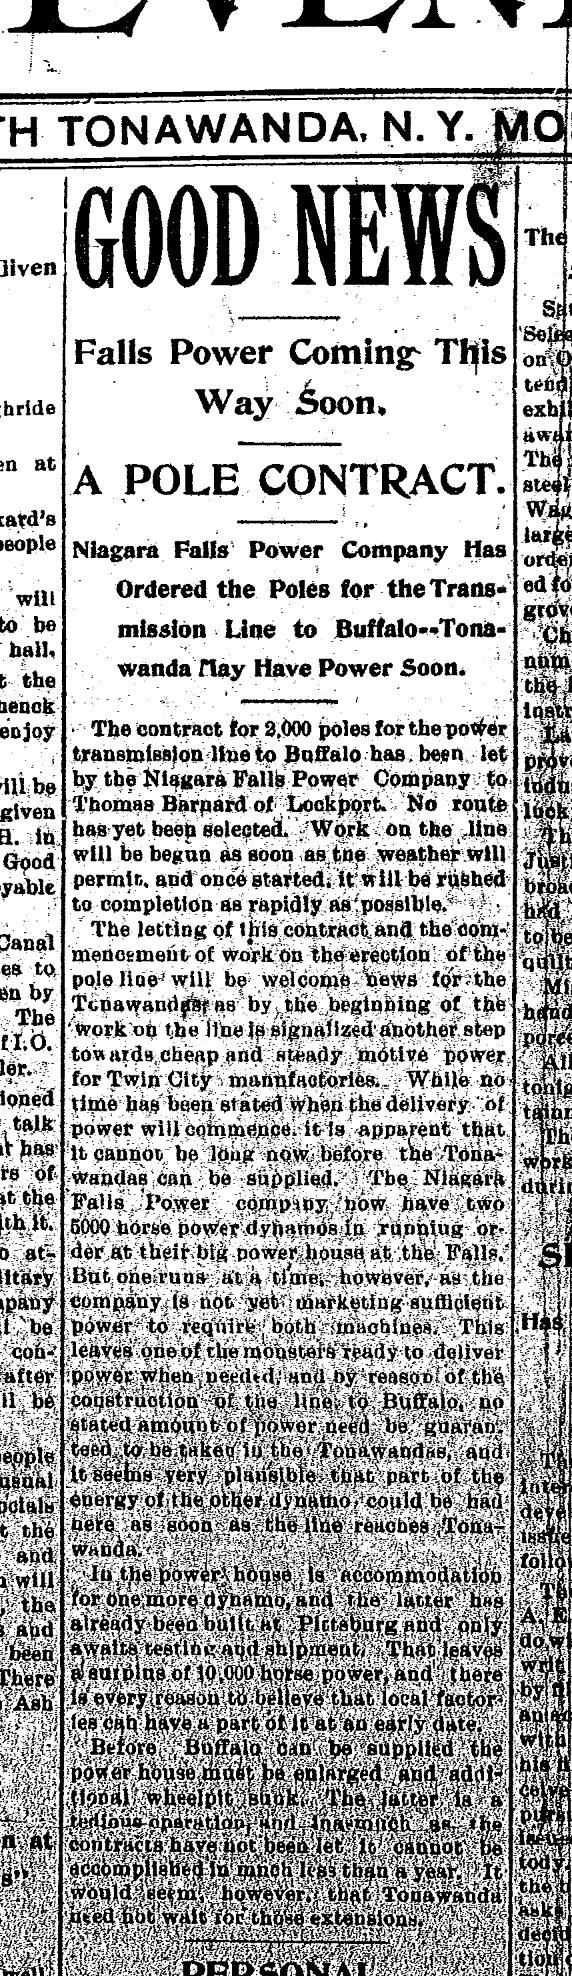 Good News - Falls Power Coming, article (Tonawanda News, 1896-02-17).jpg